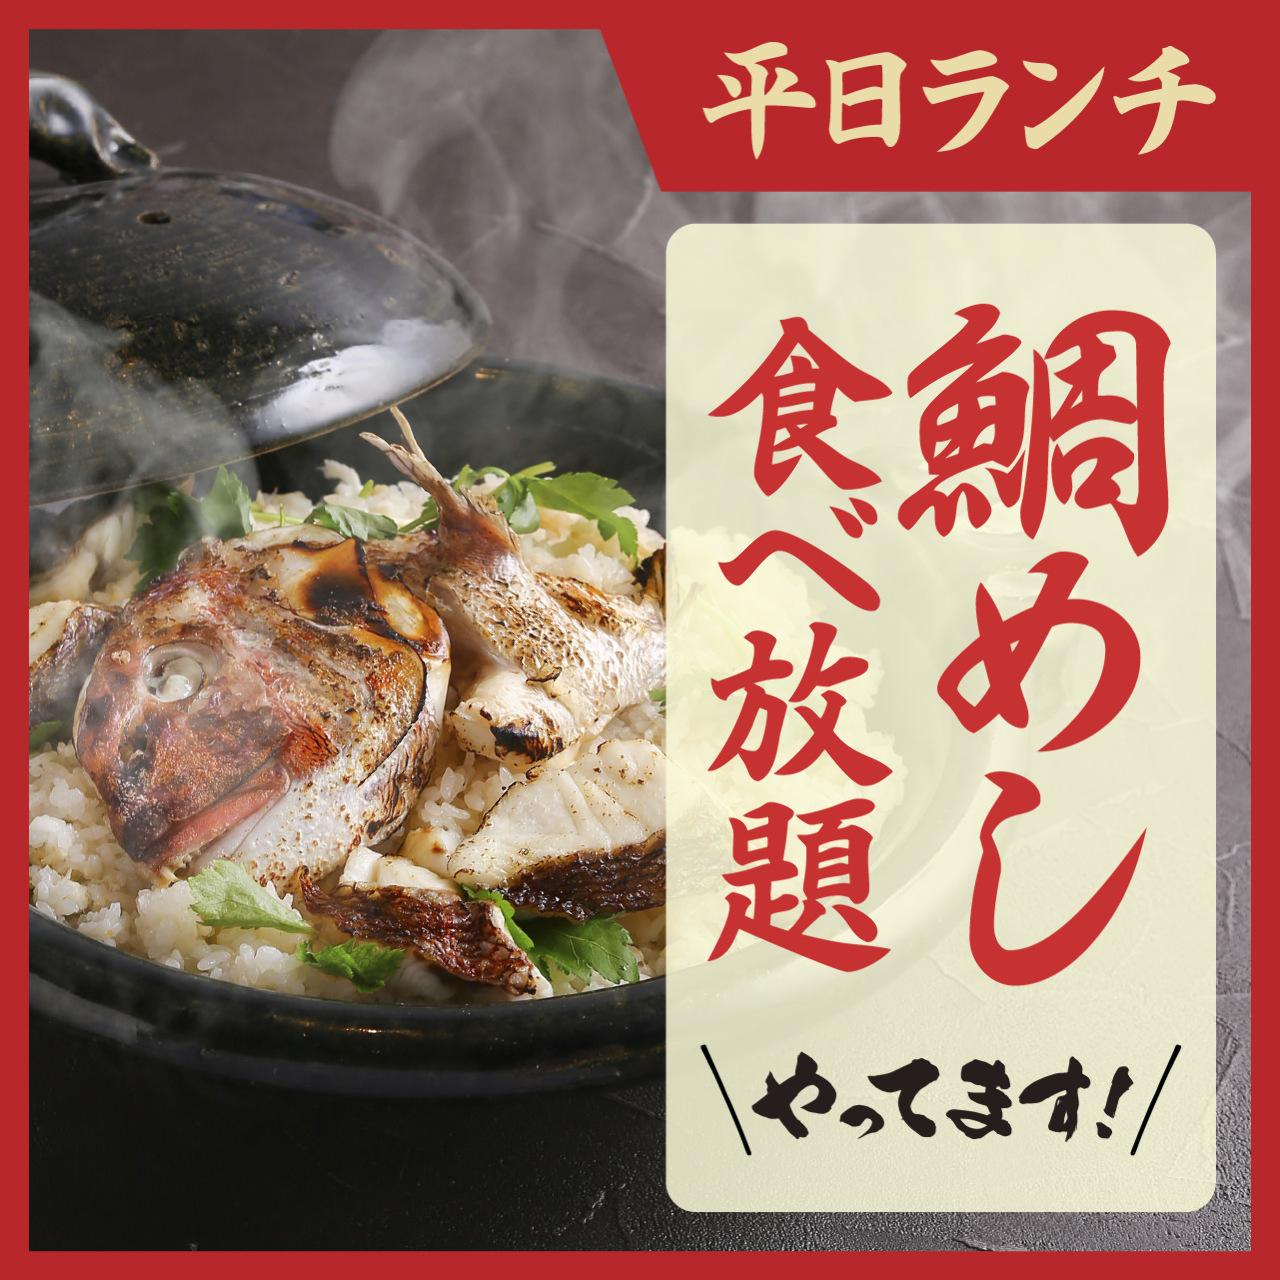 虎連坊 新宿店のイメージ写真